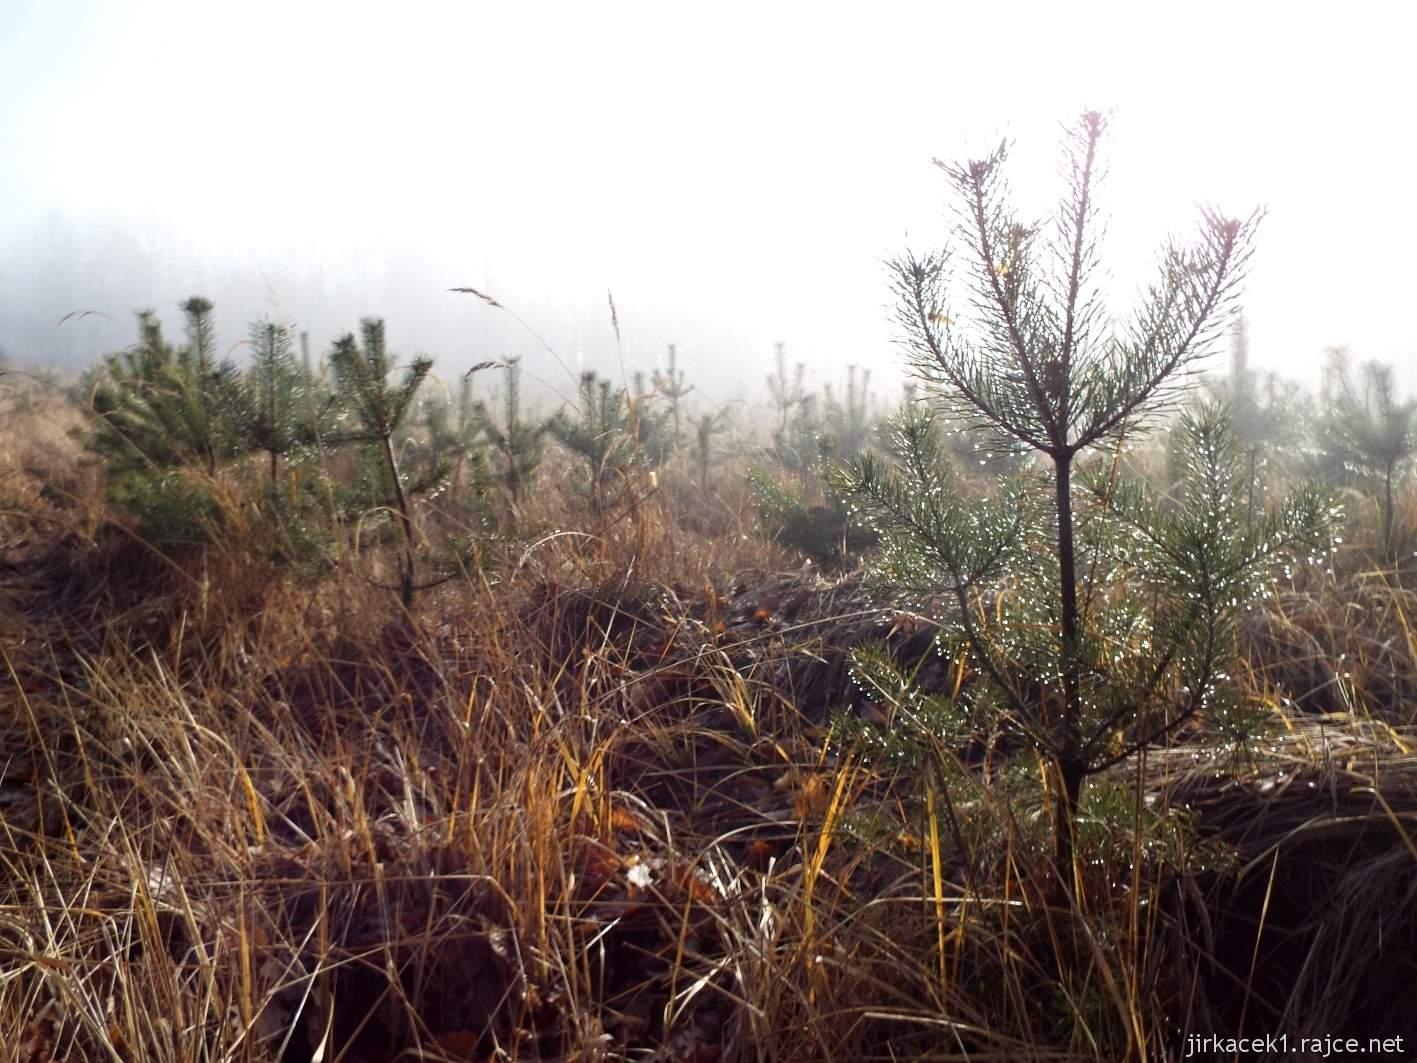 038 - čekání na mýtině během cesty ke čtvrté keši - stromky s kapkami